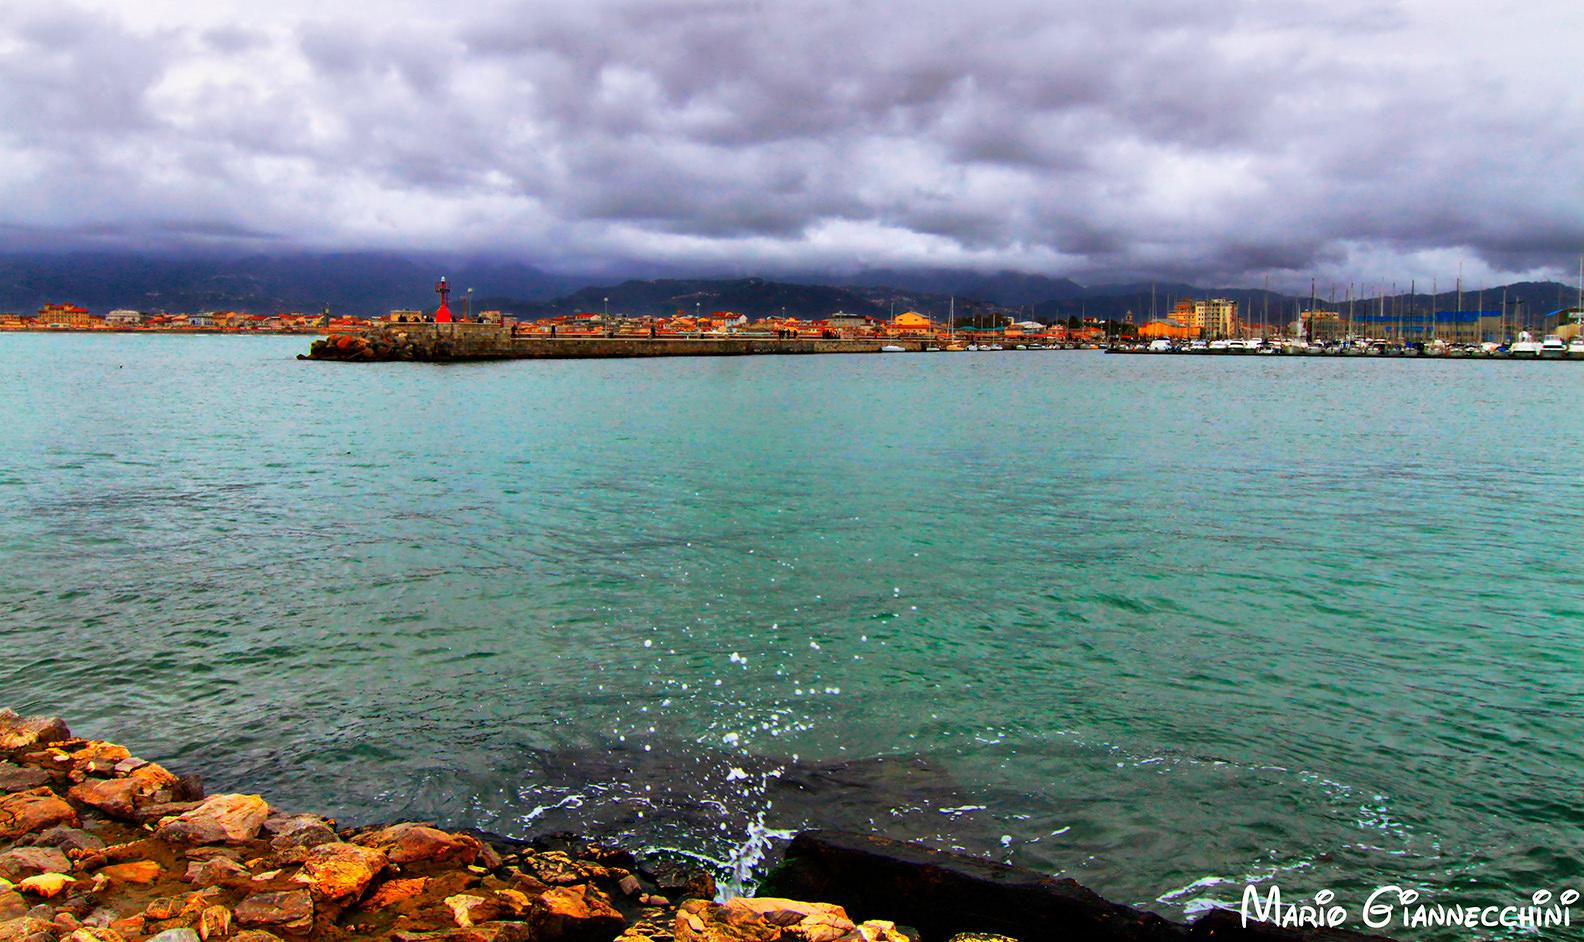 A Viareggio il mare torna balneabile, ordinanza di divieto revocata